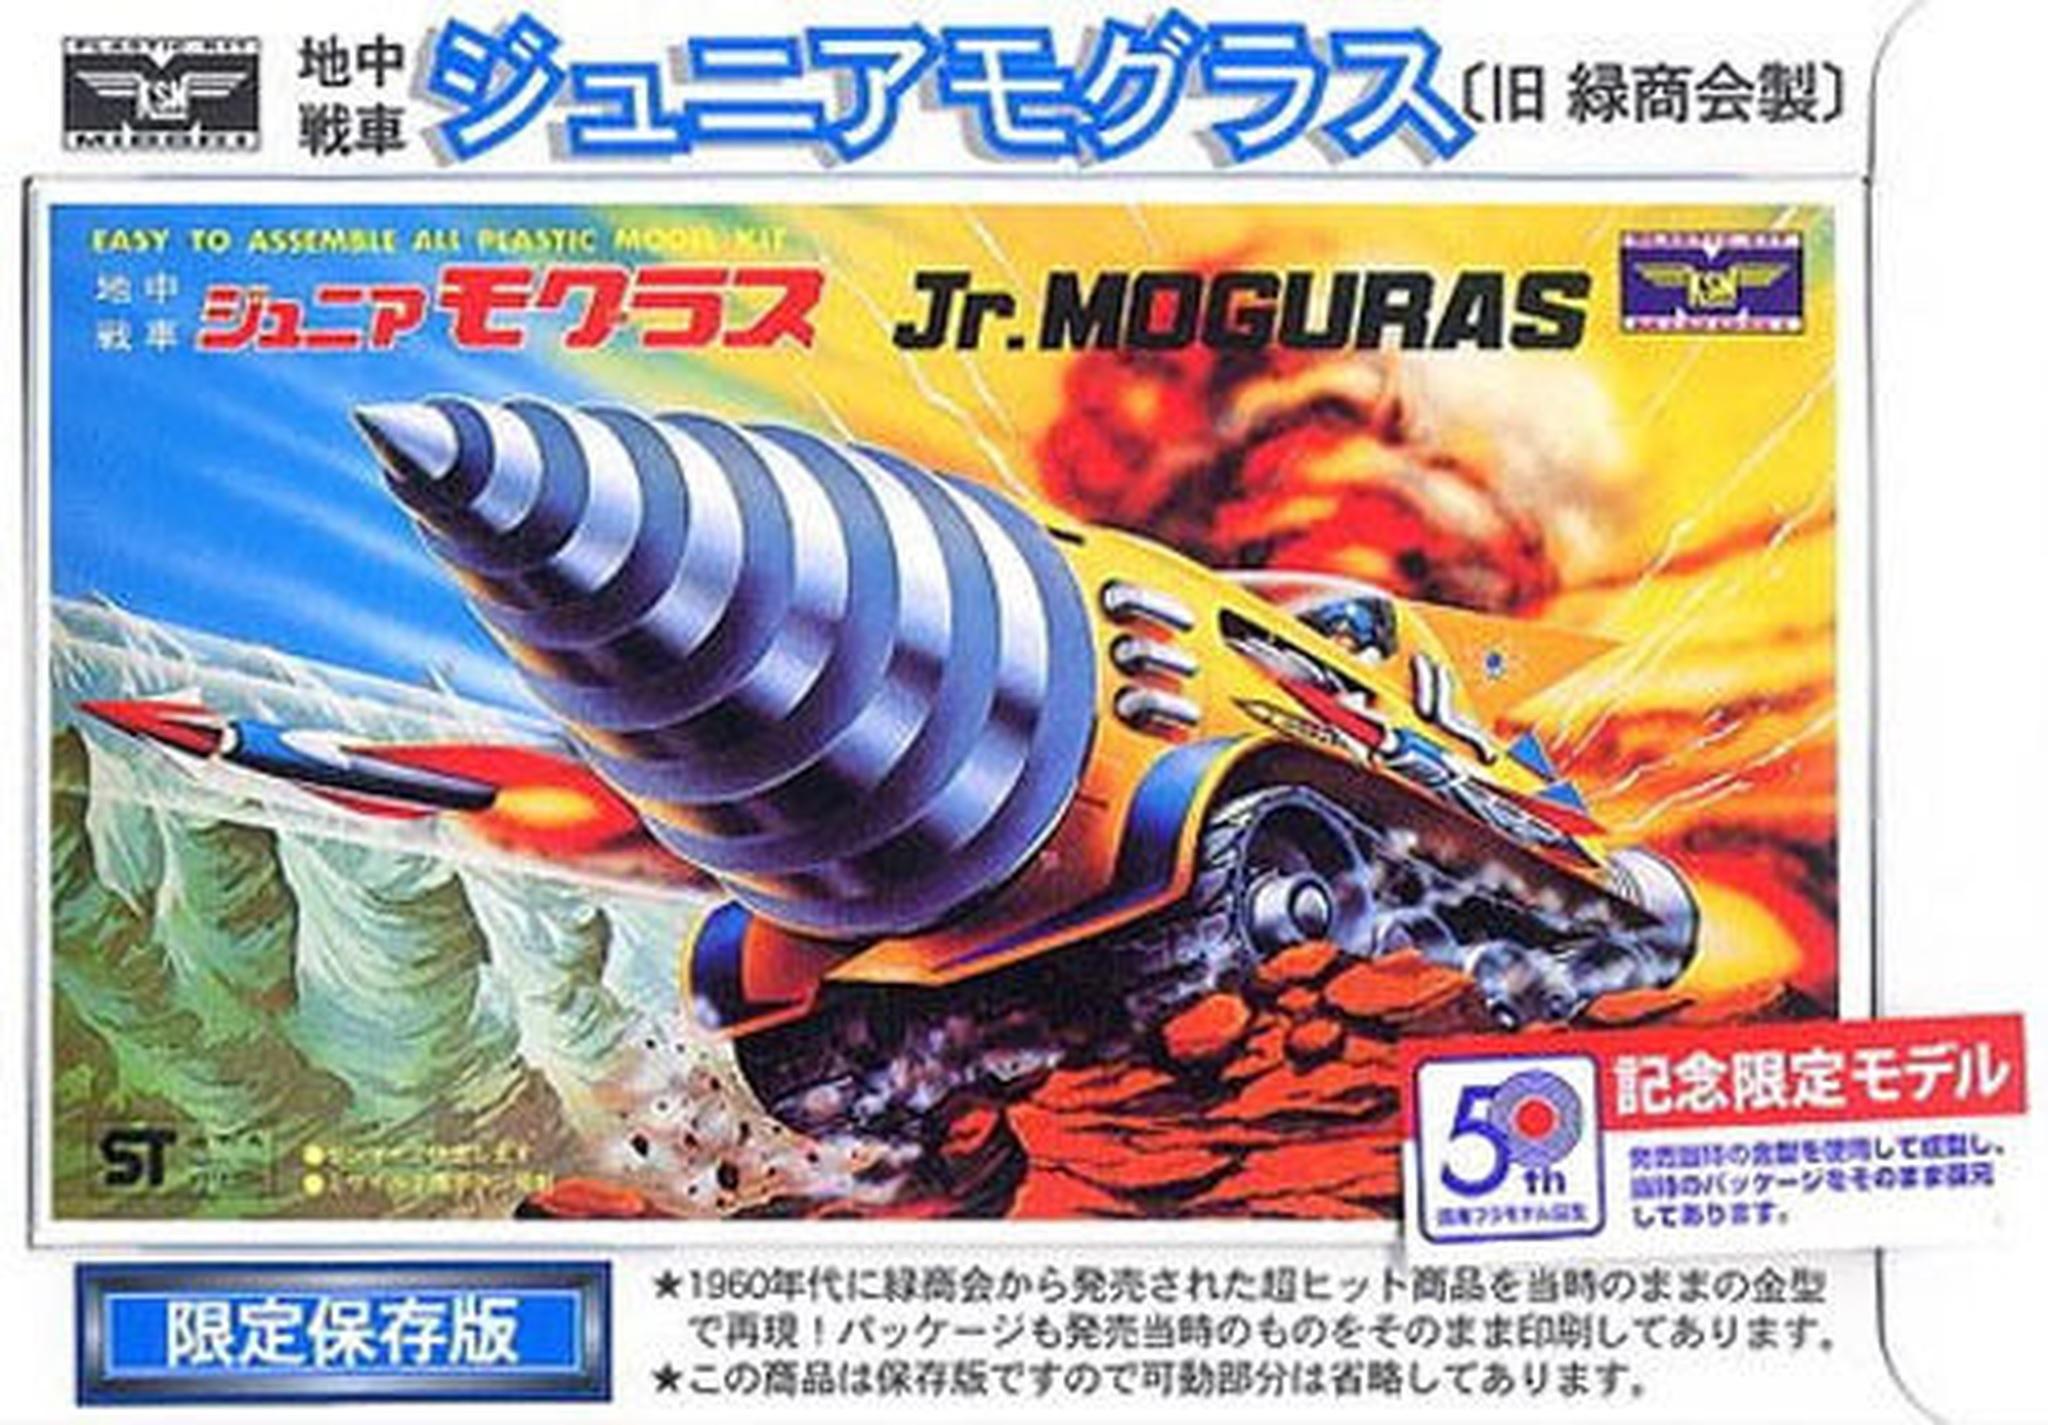 Doyusha Jr. MOGURAS